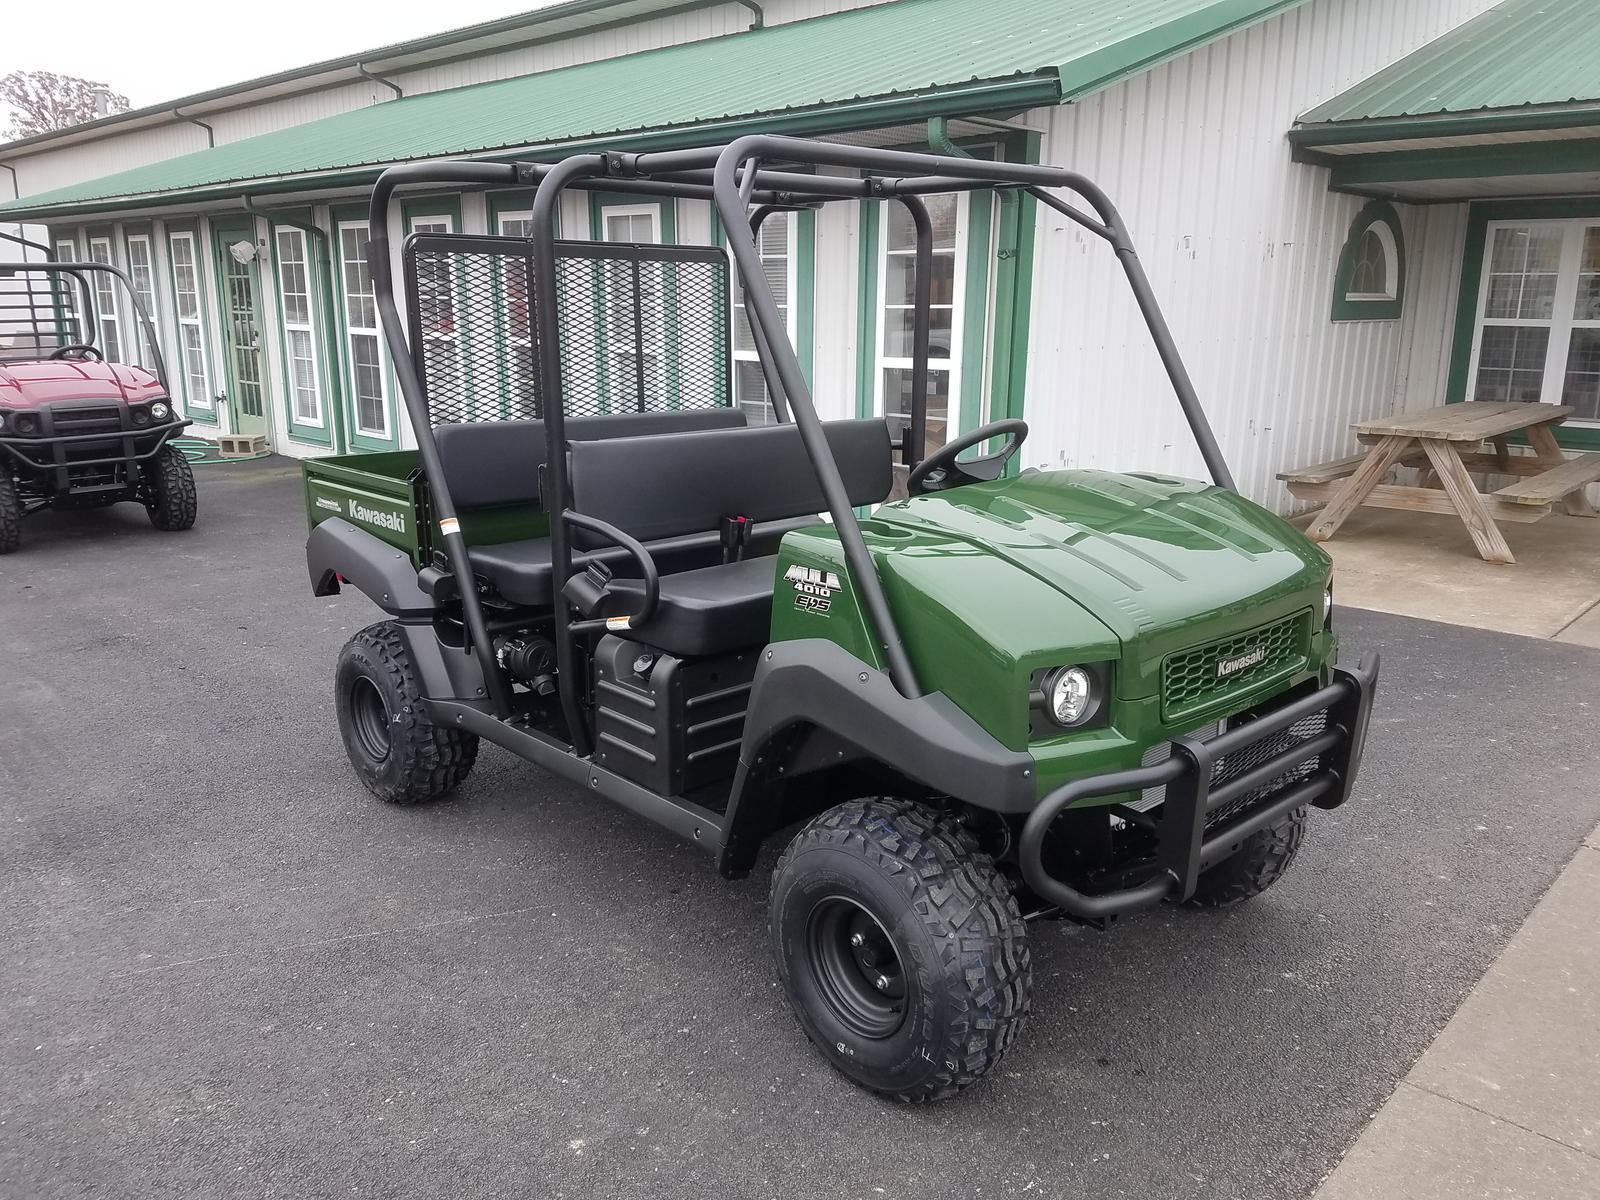 2019 Kawasaki MULE 4010 TRANS 4X4 Green